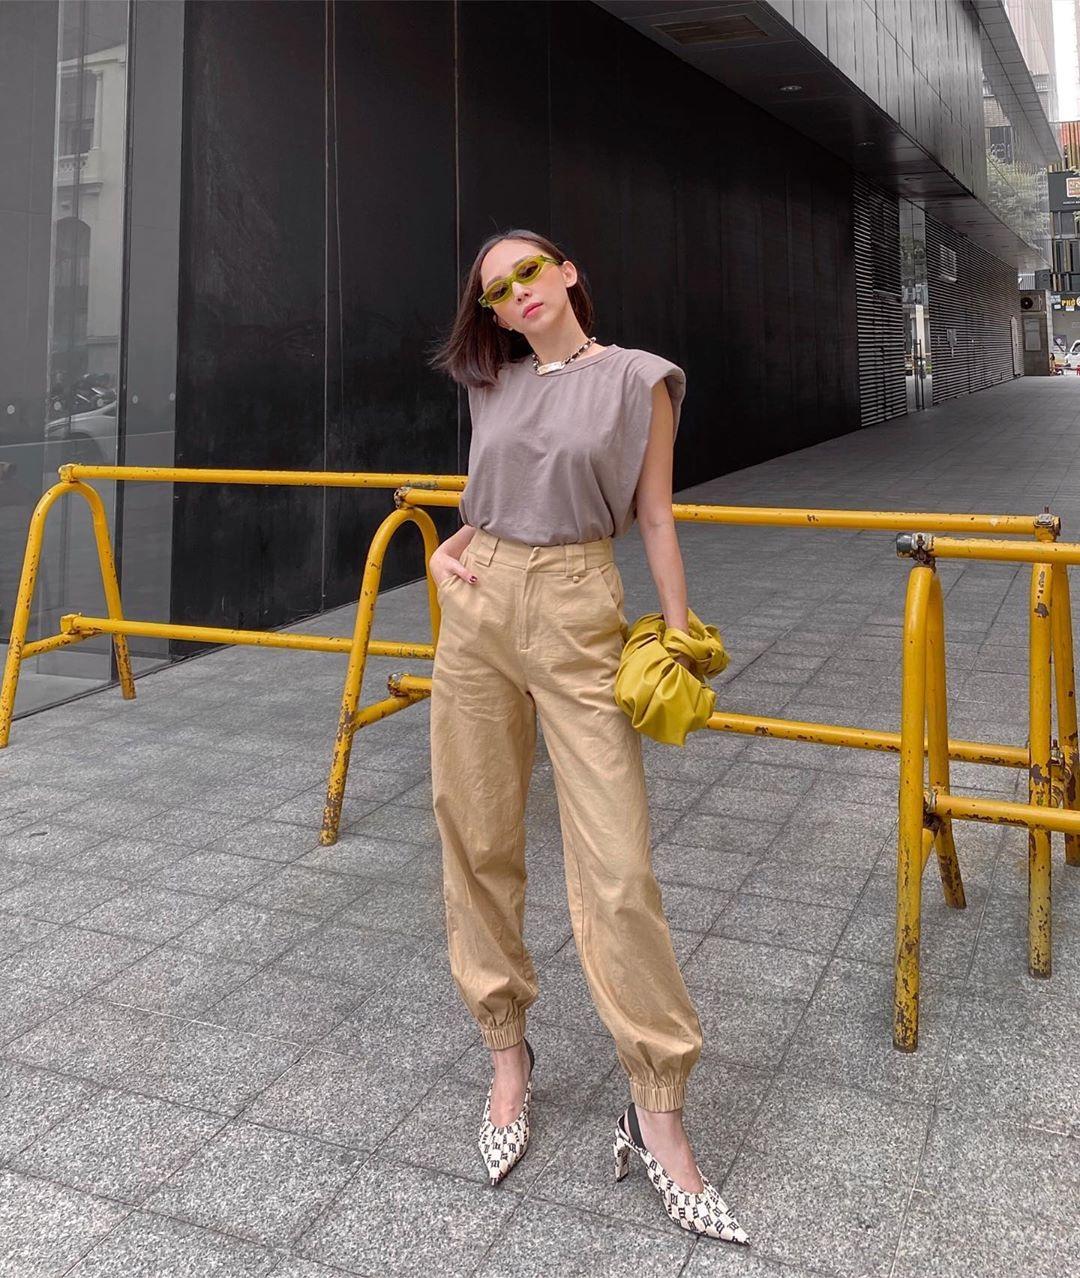 11 set đồ vừa đẹp còn vừa dễ mặc từ sao Việt mà bạn có thể áp dụng ngay cho style đi chơi ngày nghỉ lễ - Ảnh 7.